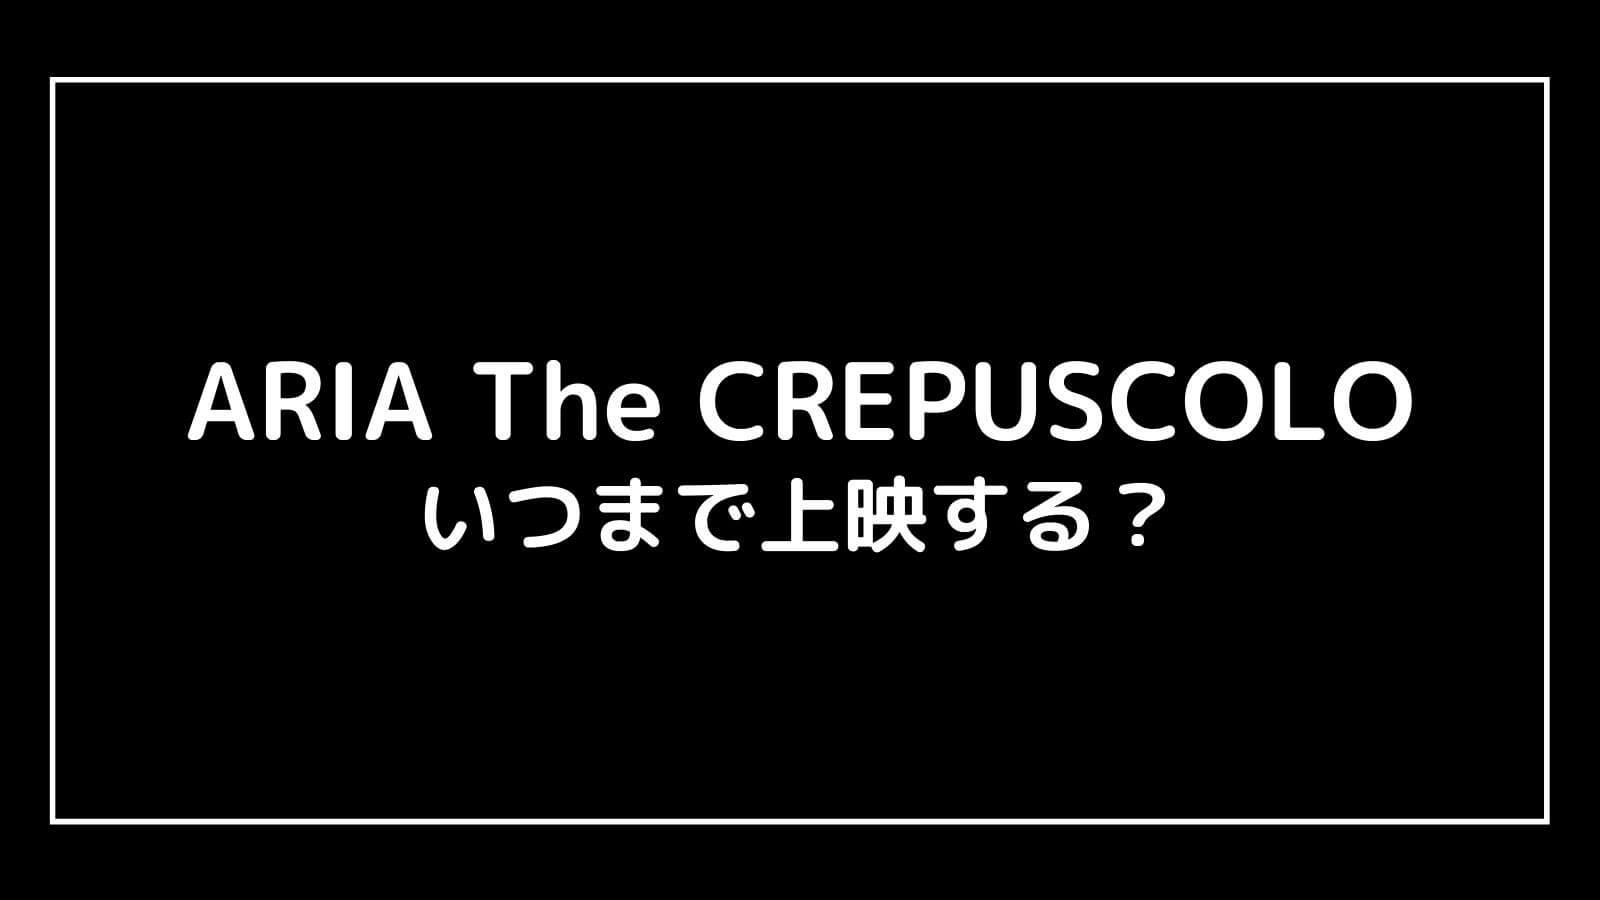 映画『ARIA The CREPUSCOLO』はいつまで上映する?元映画館社員が上映期間を予想